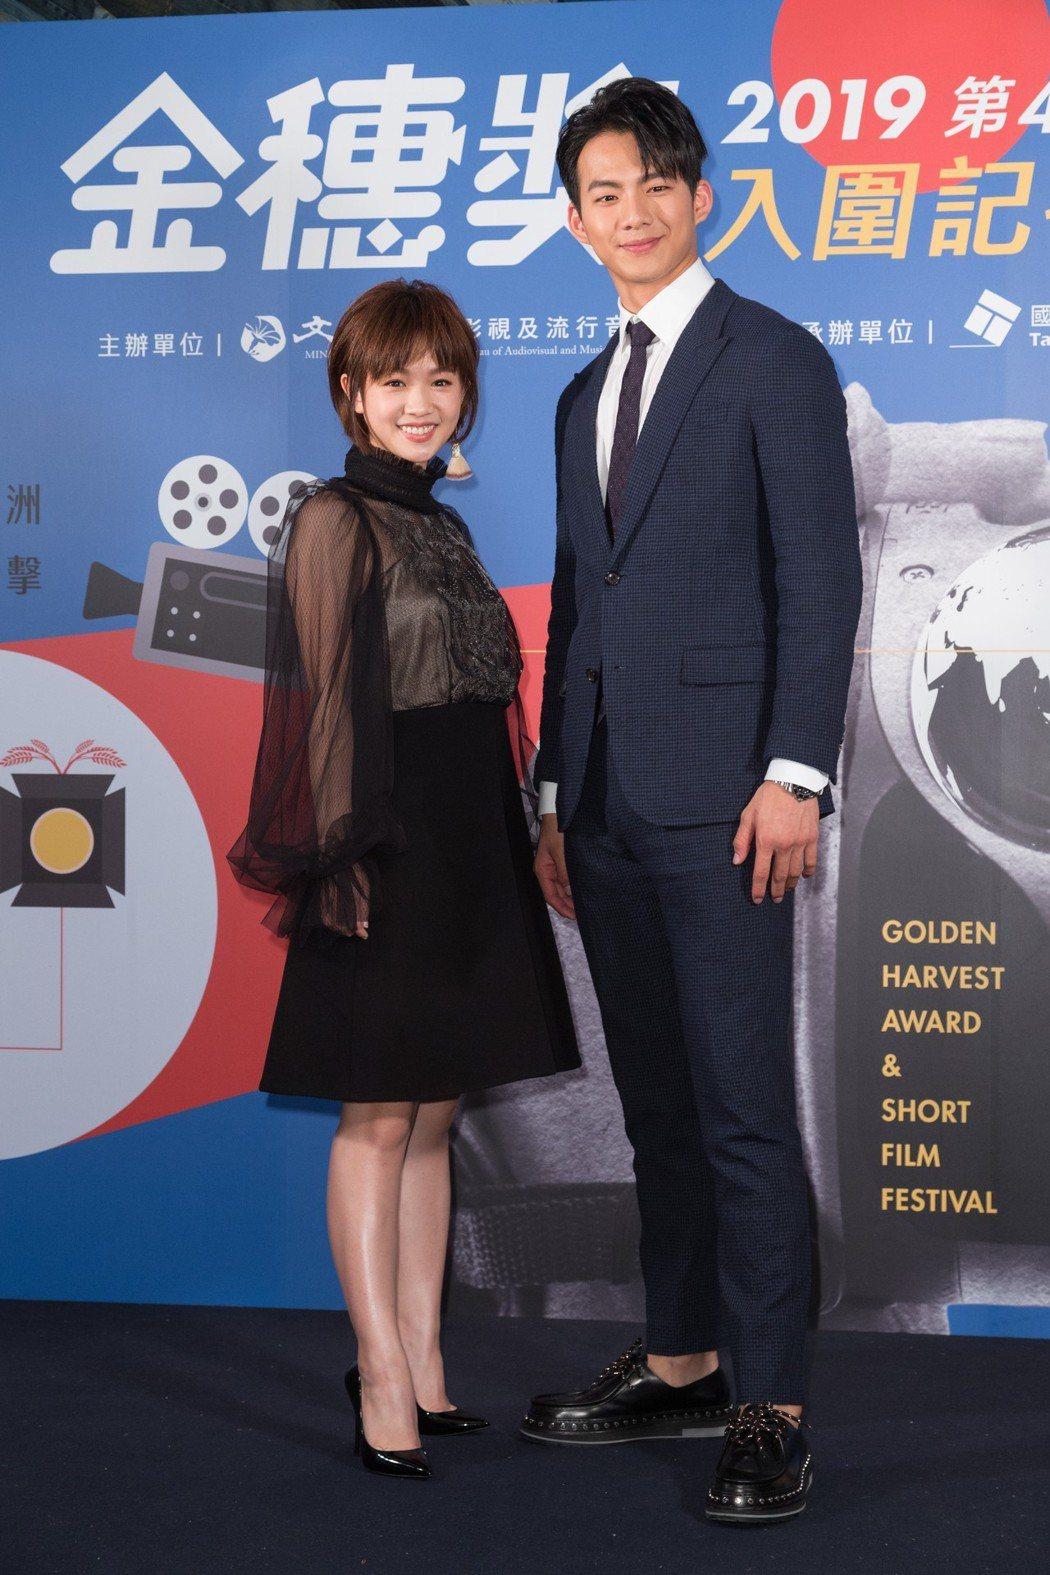 吳念軒(左)與嚴正嵐(右)擔任金穗獎大使。記者陳立凱/攝影